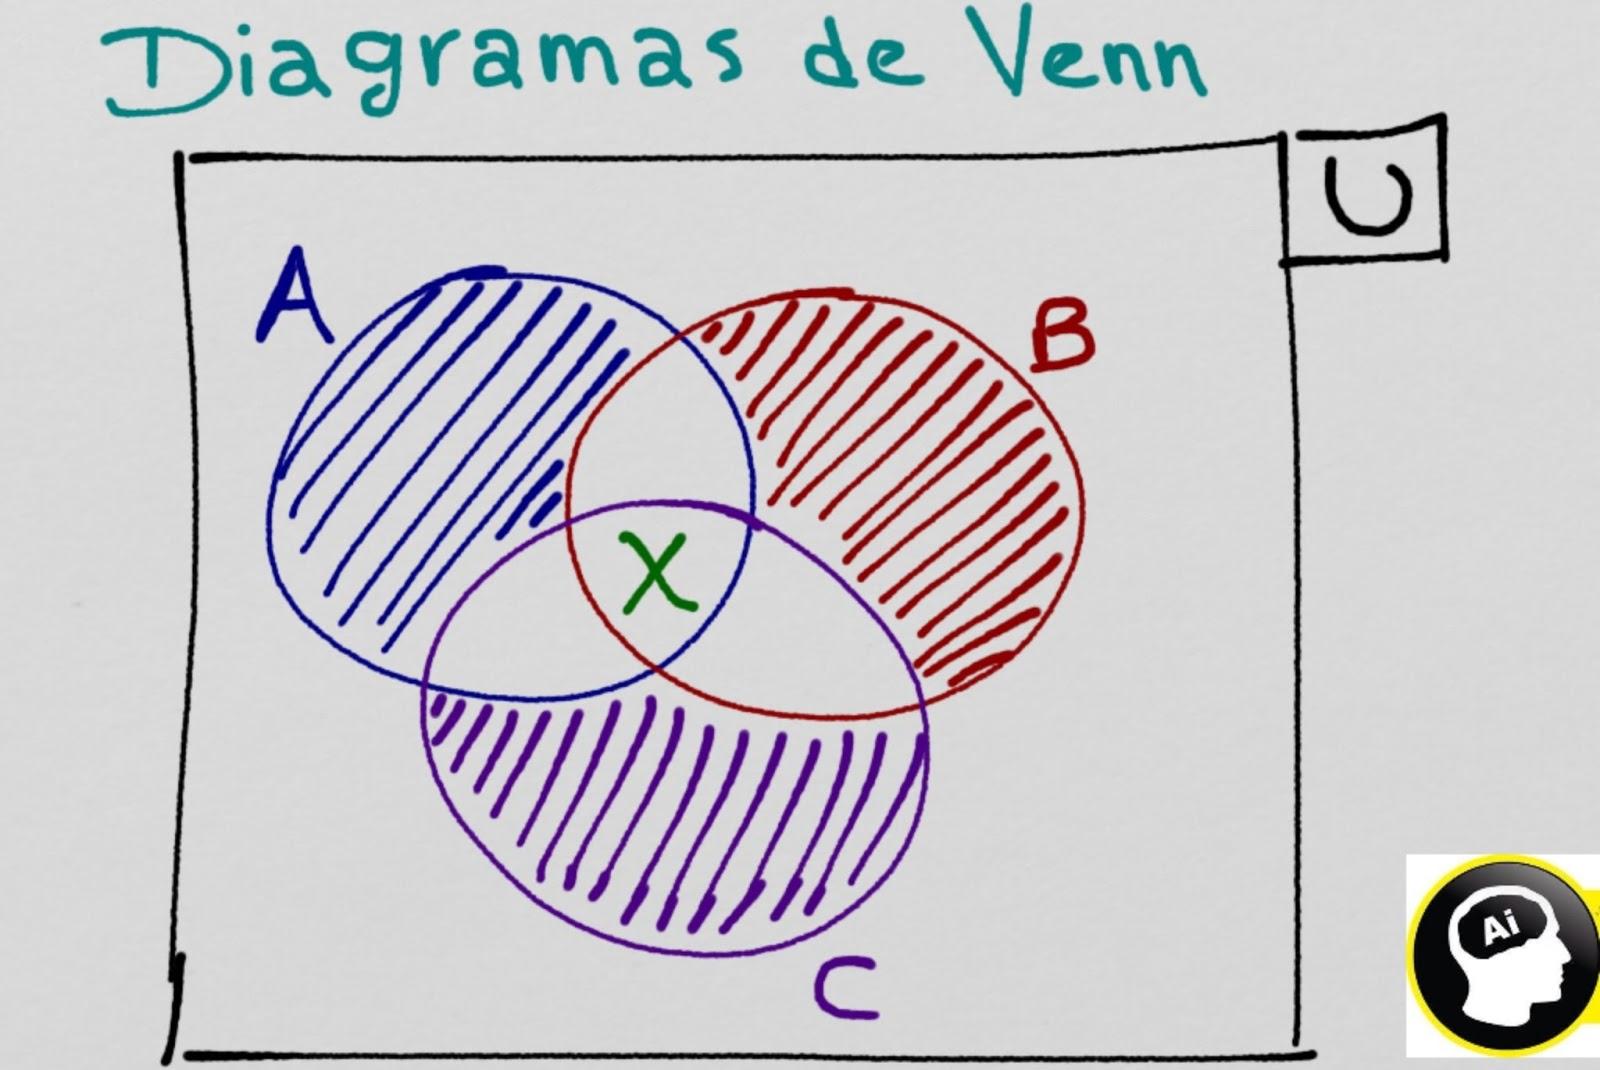 Teora de conjuntos 1 historia teora de los conjuntos operaciones combinadas de conjuntos este tipo de operaciones suele involucrar a mas de dos conjuntos y posiblemente se puede combinar las operaciones ccuart Images